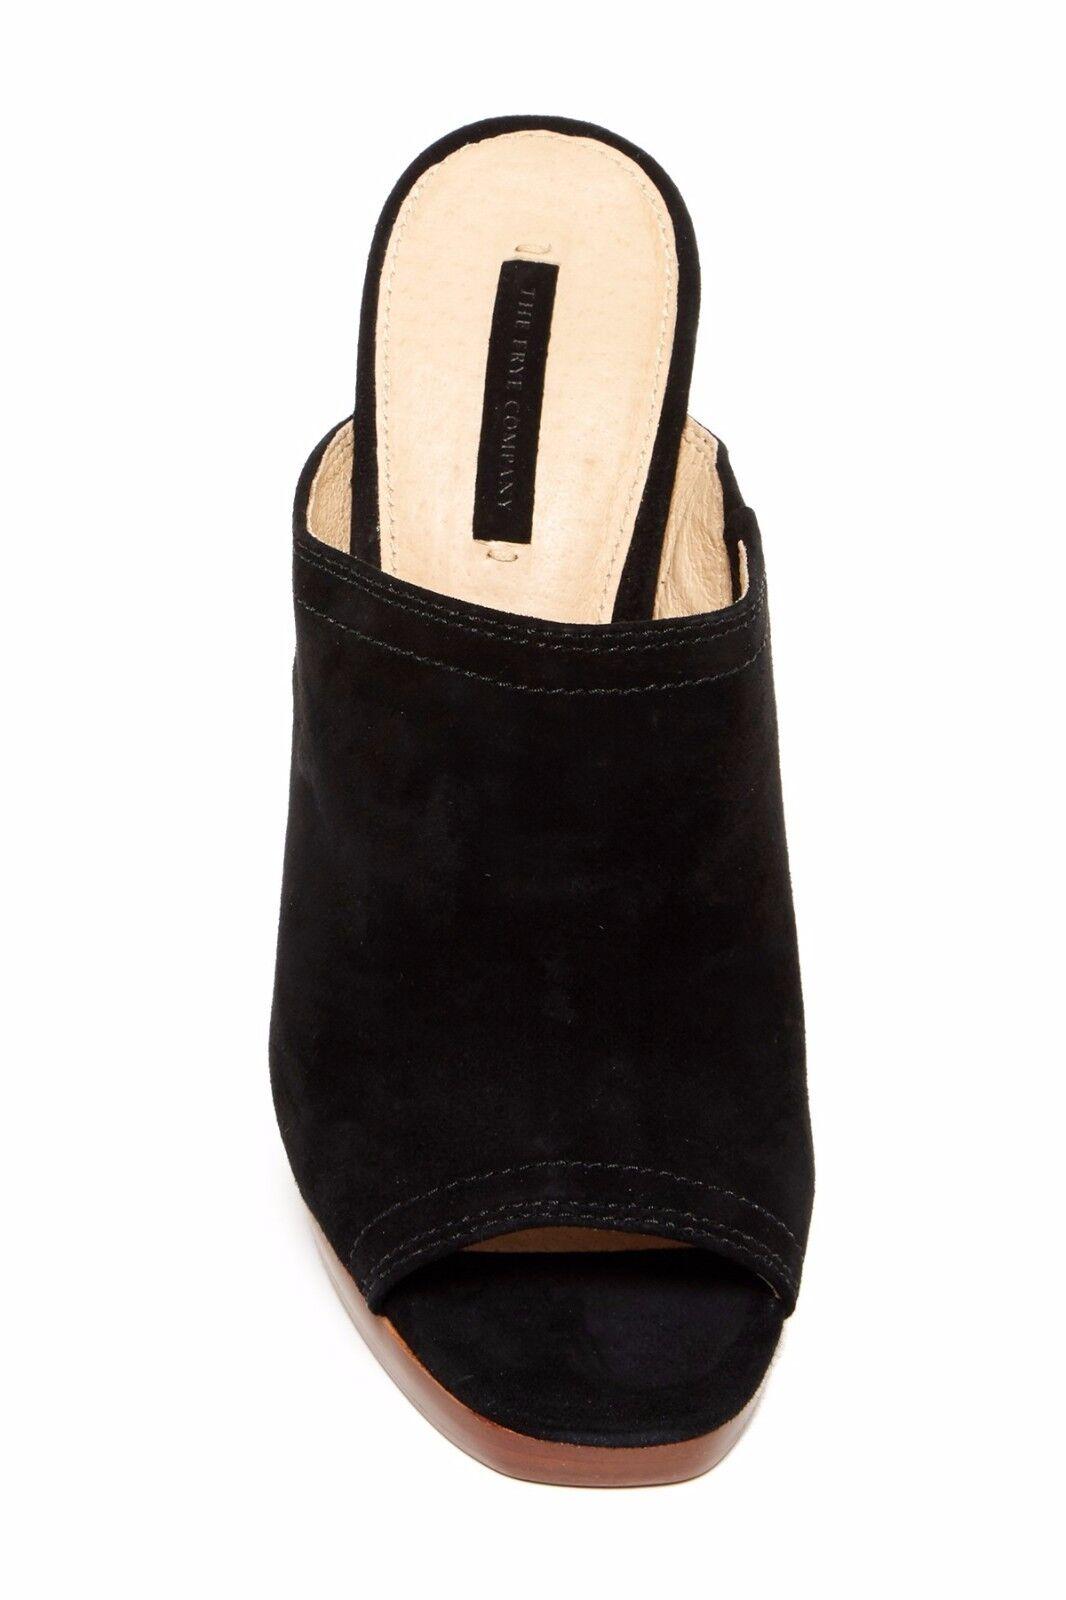 278 Frye Frye Frye Karissa Women's Open Toe Heels Mules Black Size 10 4bd7dd